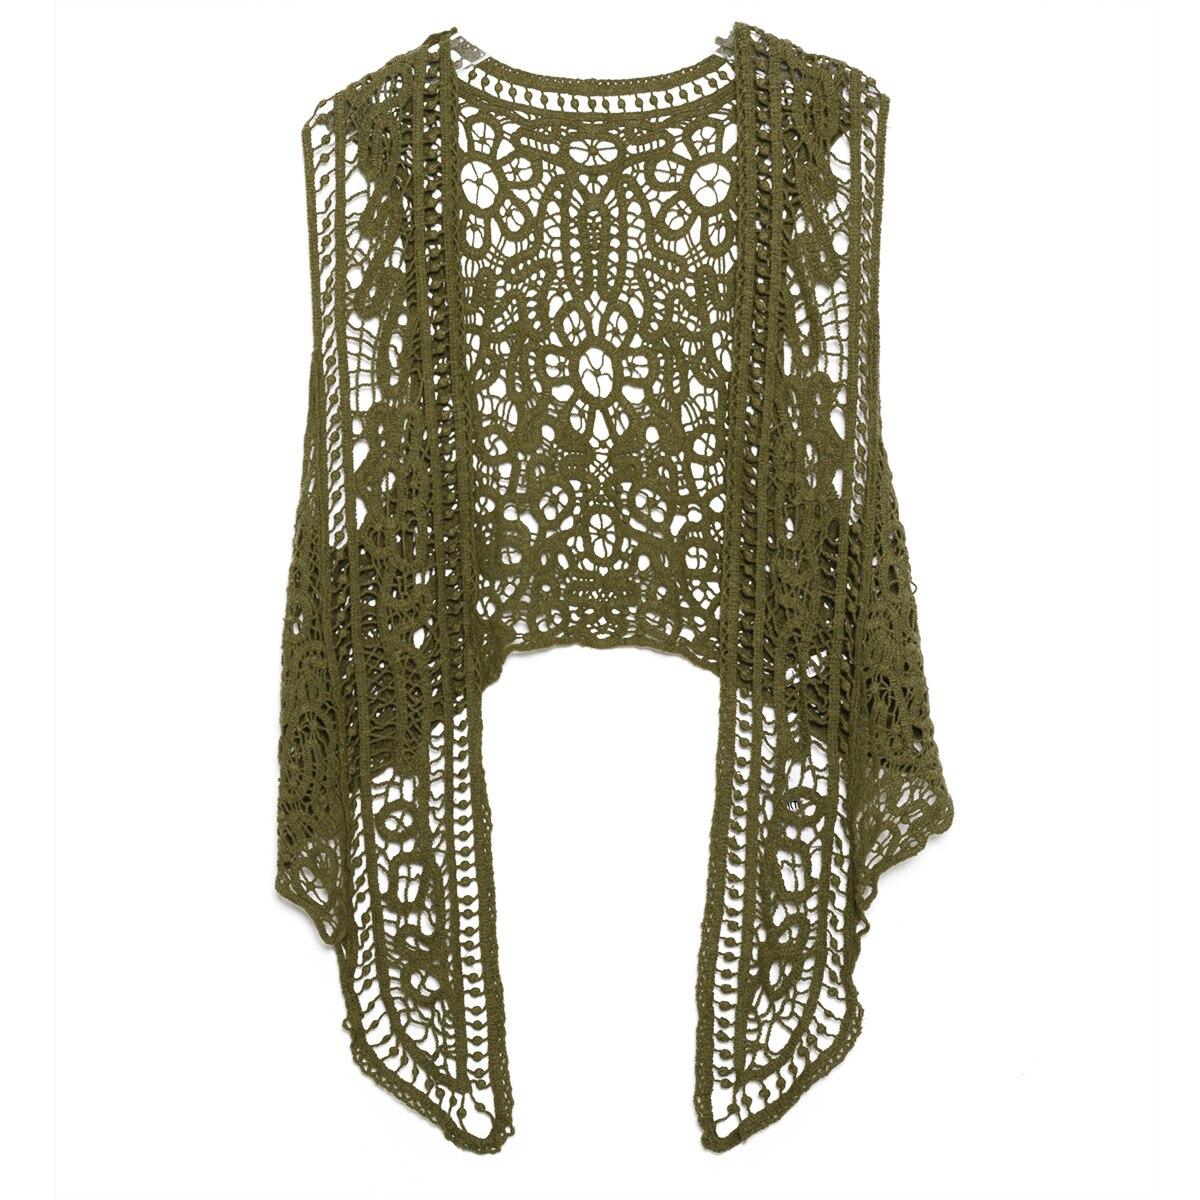 Arredamento Stile Hippie top 9 most popular blusa 2 16 hippie list and get free